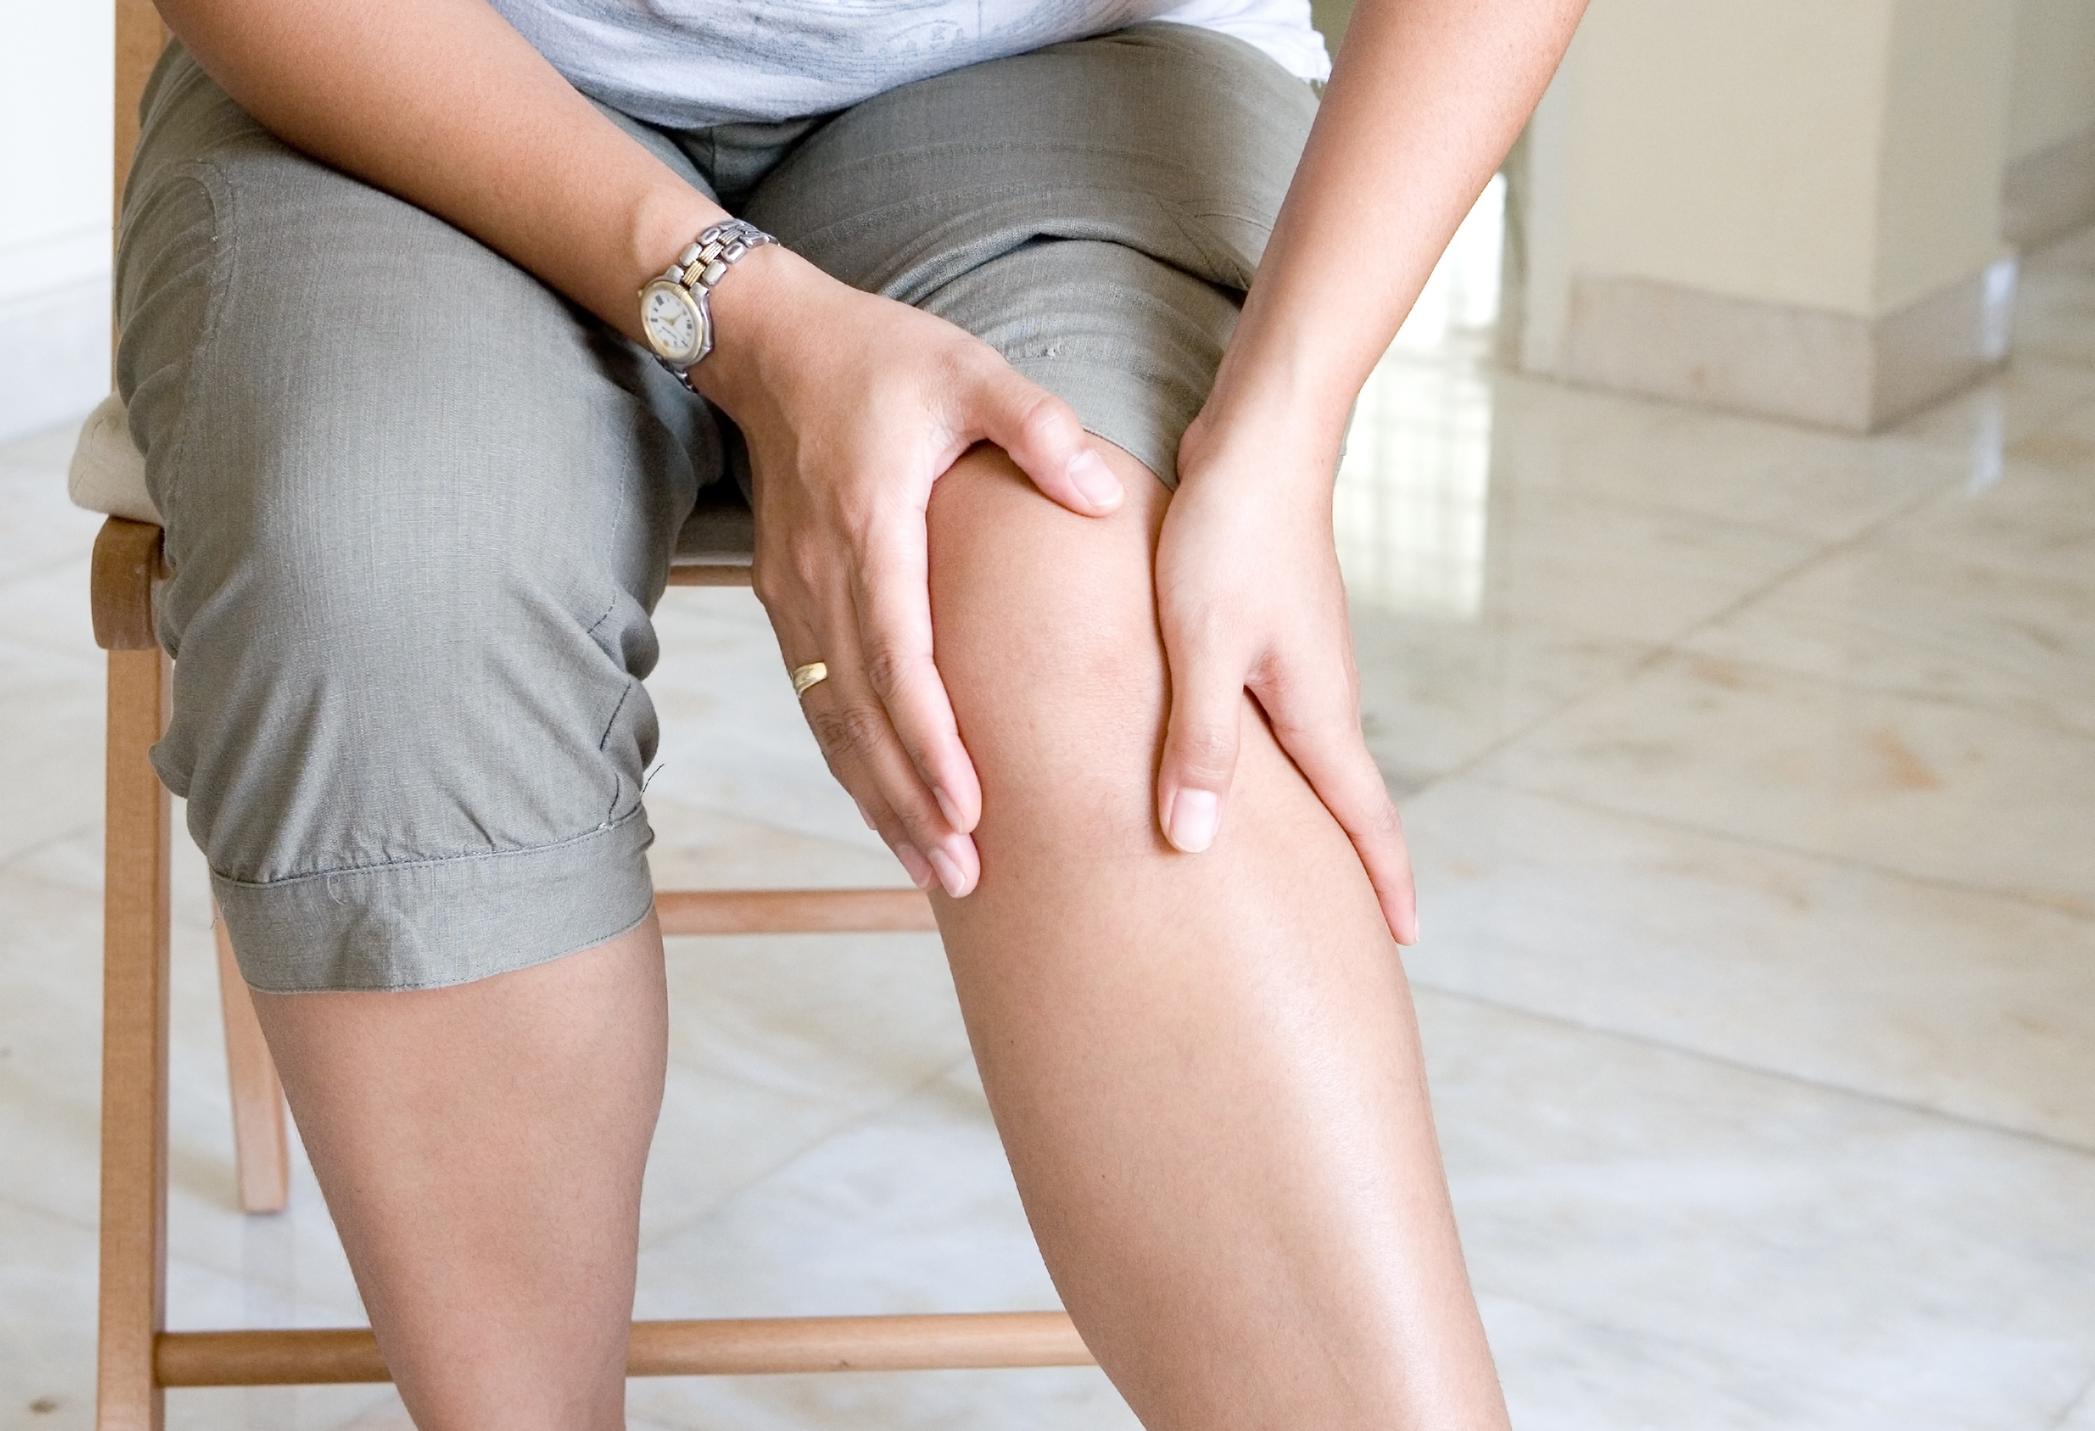 magas vérnyomásban lebegheti a lábát milyen fogyatékossági csoport a magas vérnyomás esetén